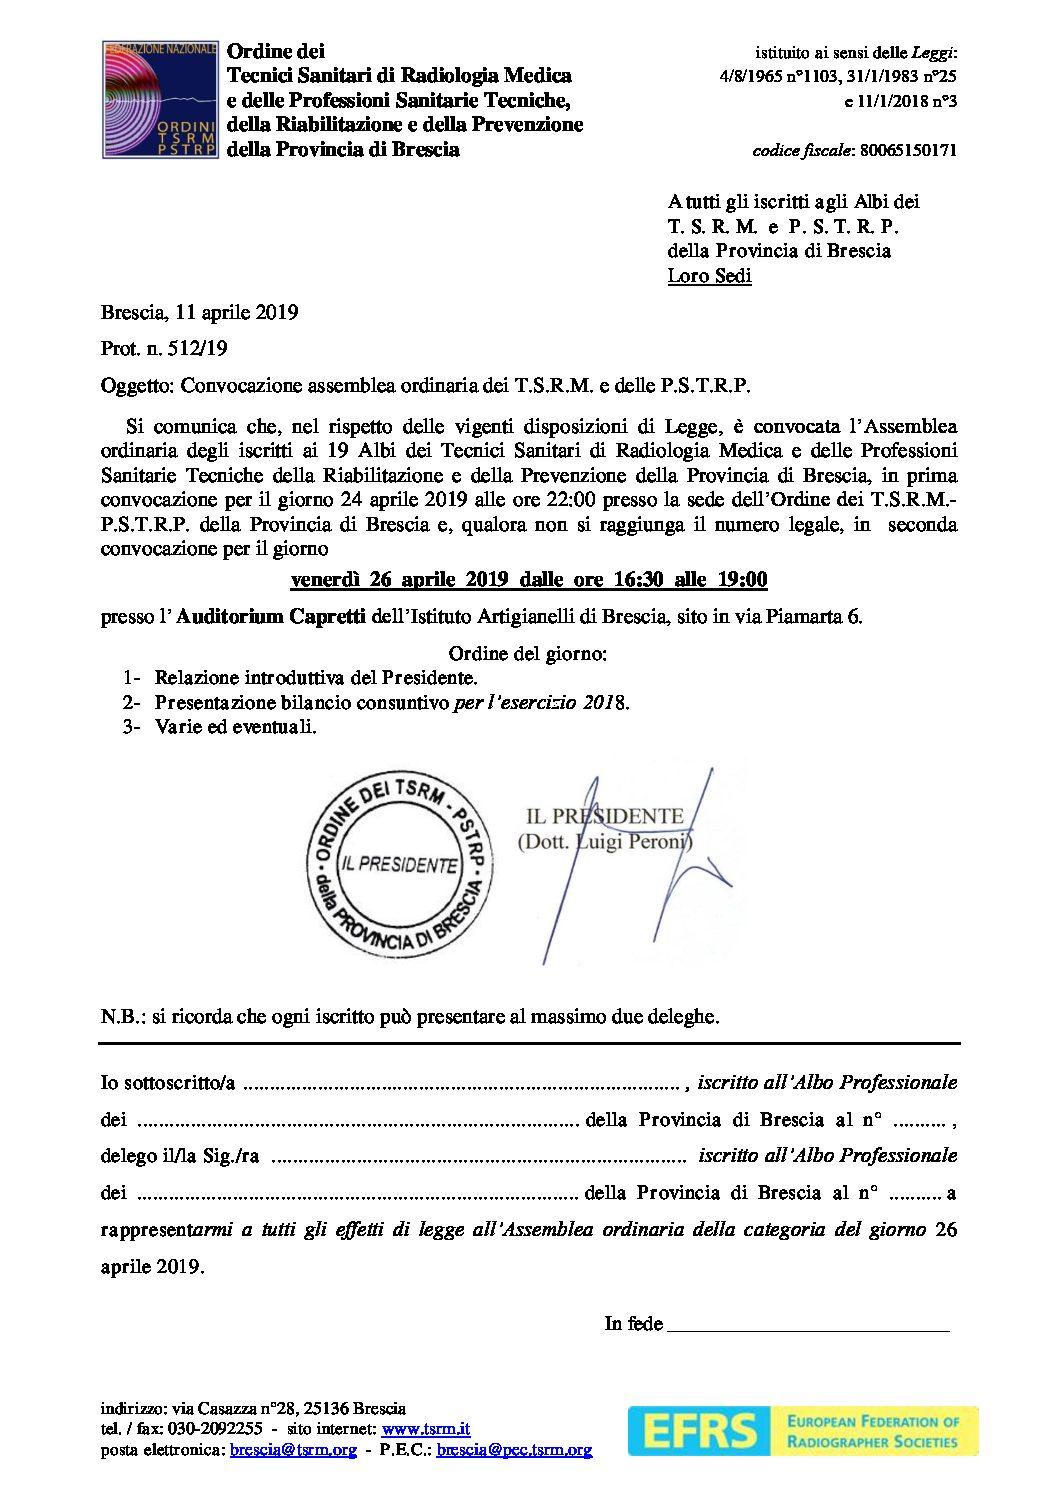 CONVOCAZIONE ASSEMBLEA ORDINARIA 26 APRILE 2019